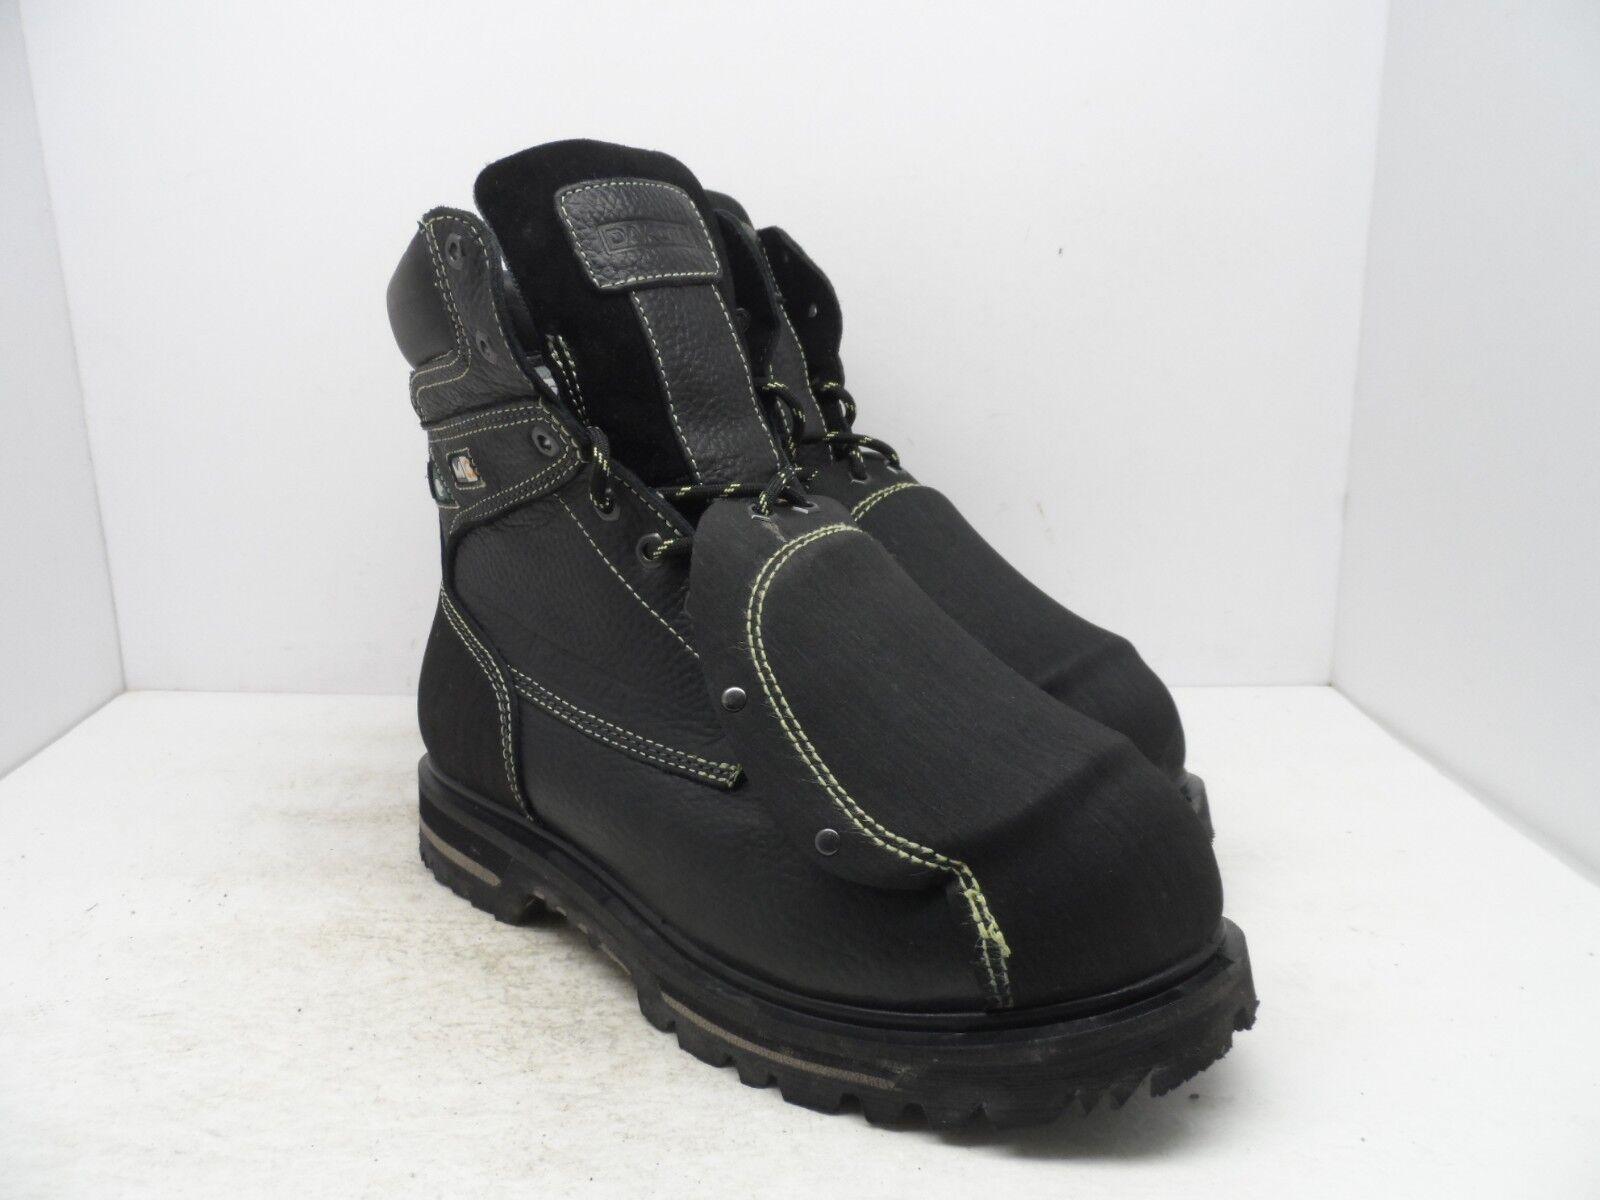 DAKOTA Men's 8'' Guard Steel Toe Steel Plate Metguard Work Boots Black 12M